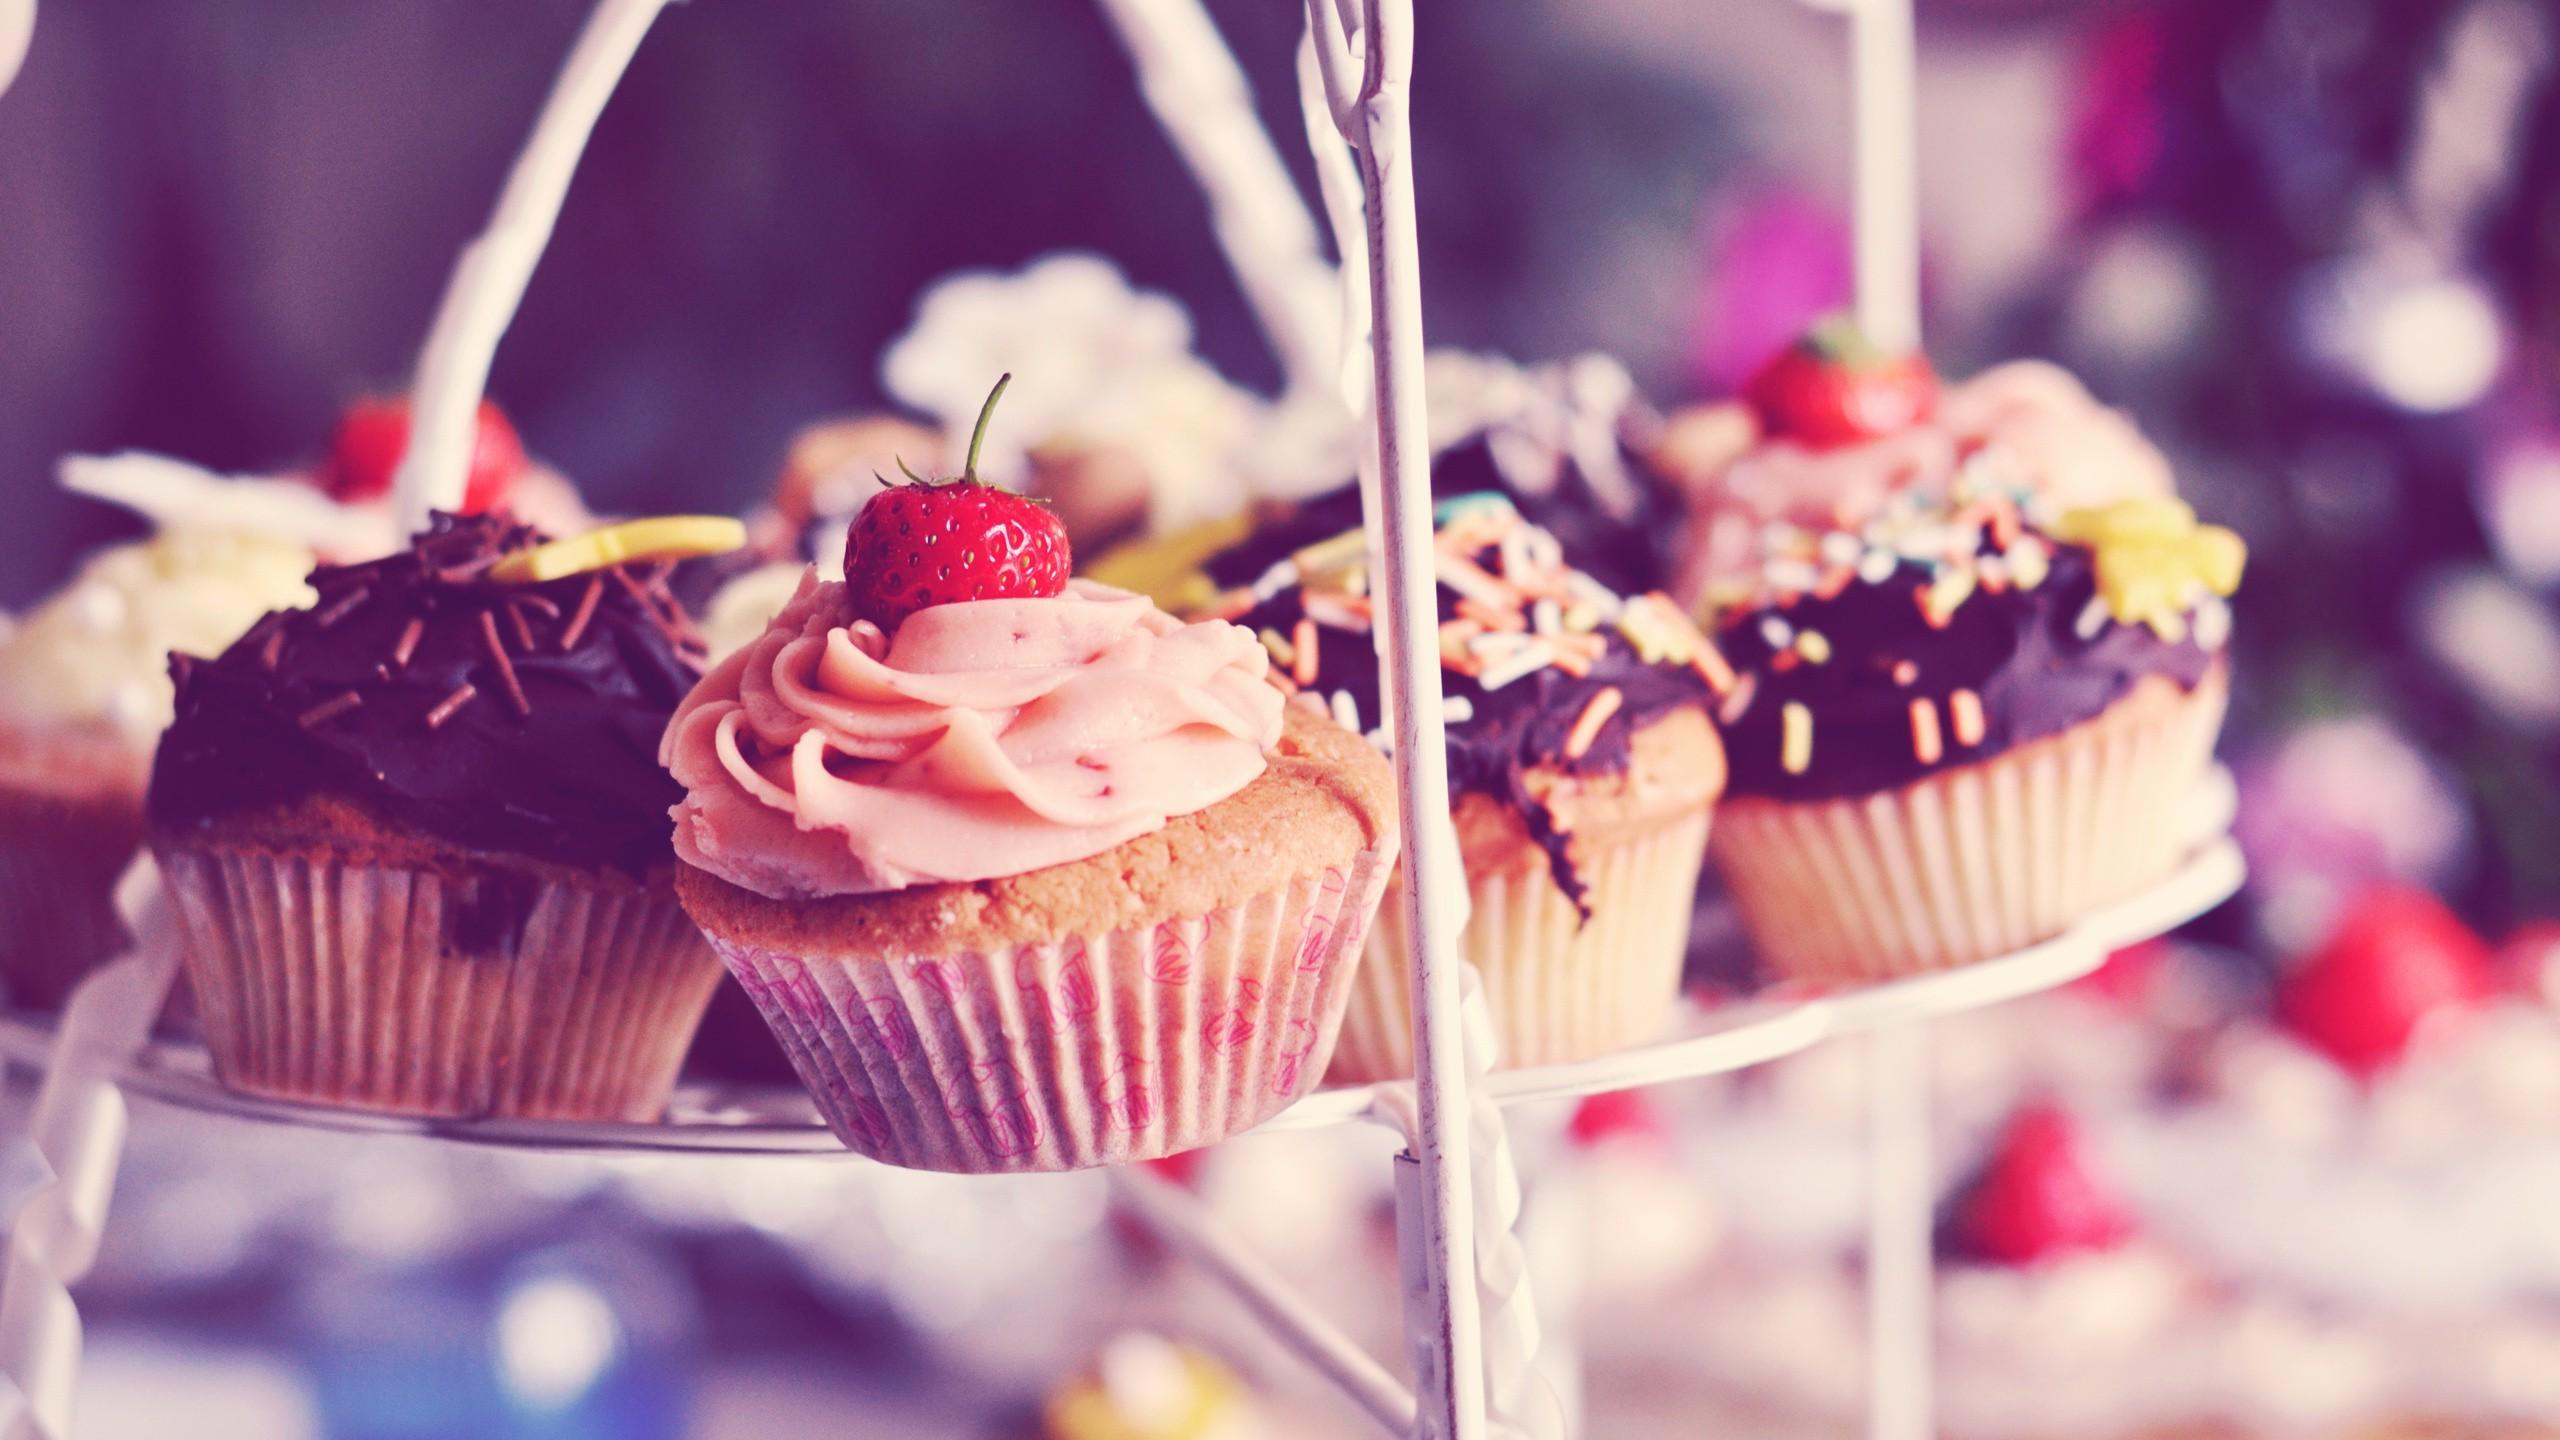 cupcakes Inspiración e ideas originales de recetas de cupcakes y magdalenas, de chocolate, con coberturas o veganos, decoración, utensilios de repostería, libros.